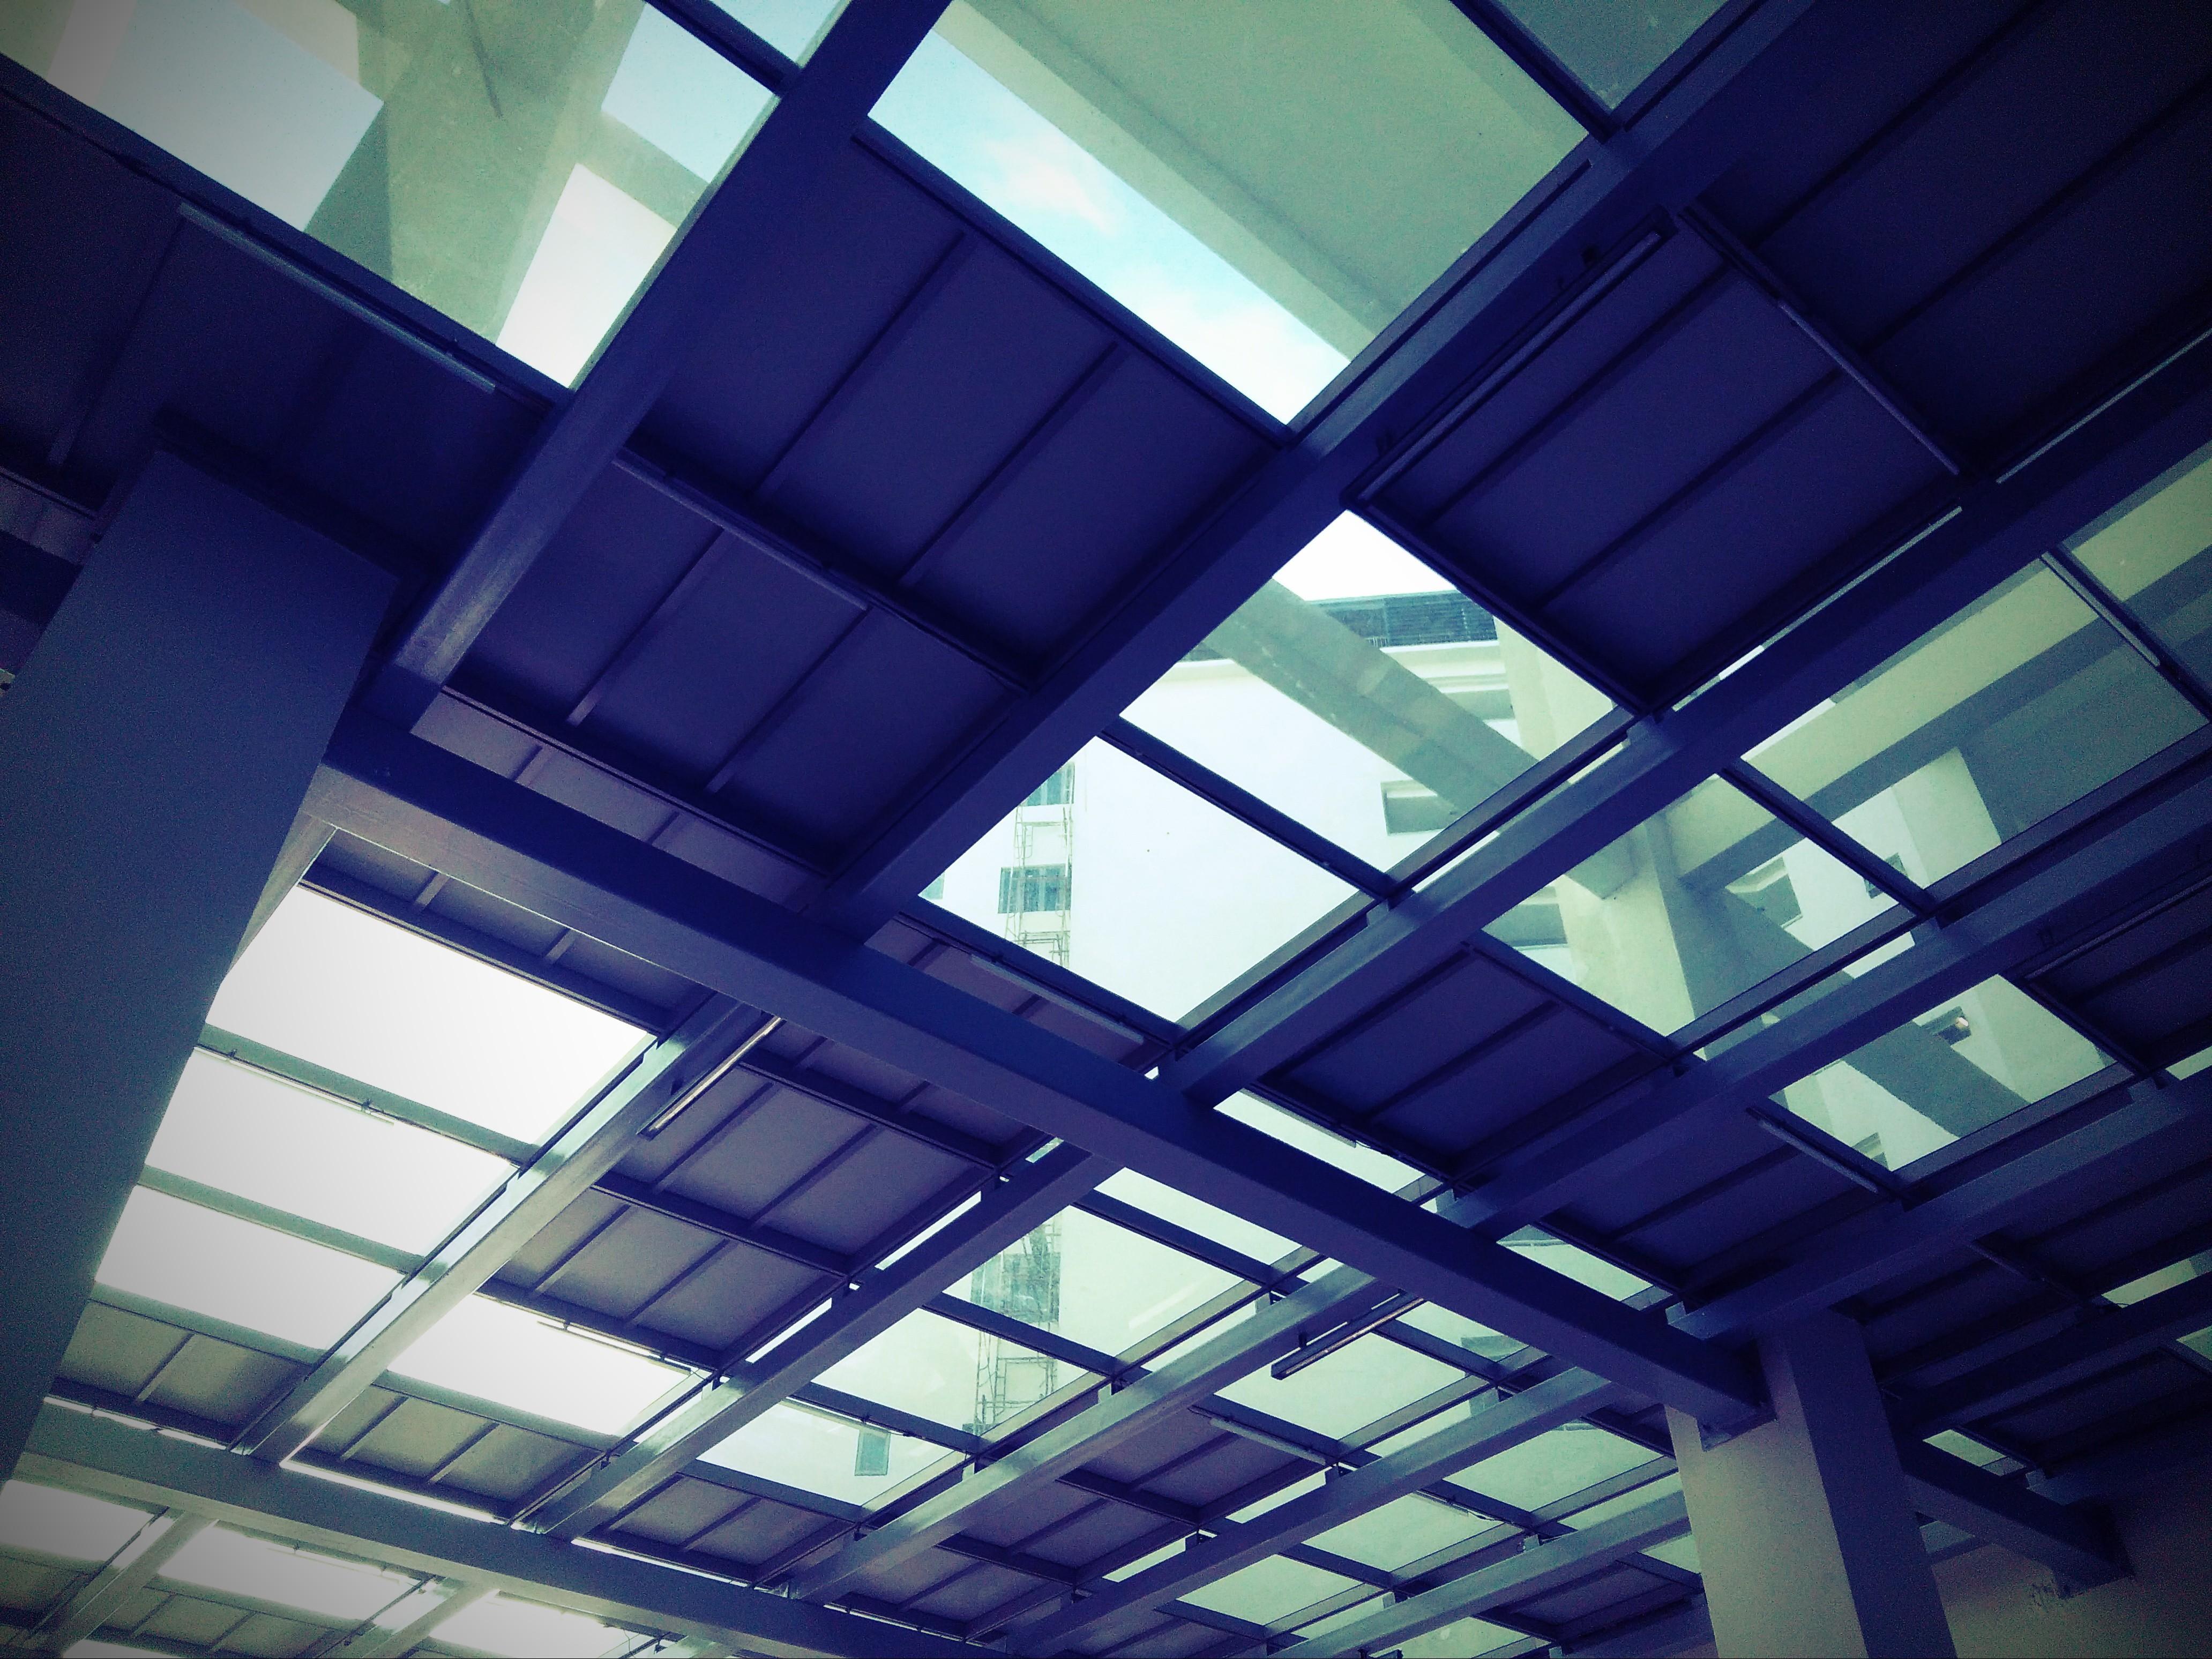 Fondos de pantalla : arquitectura, reflexión, simetría, rascacielos ...